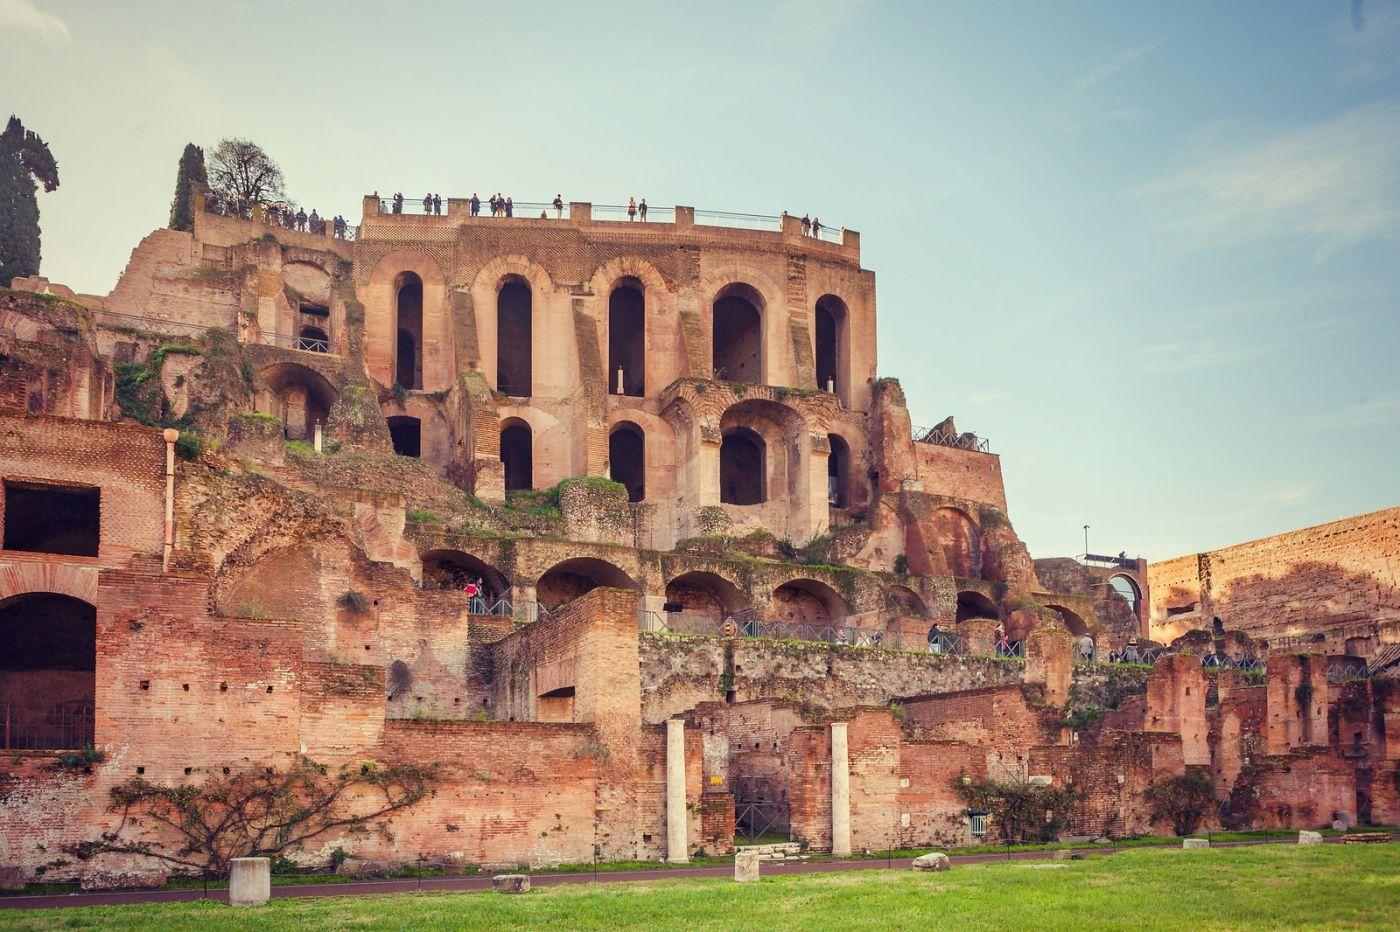 意大利罗马论坛,二千年的历史_图1-27